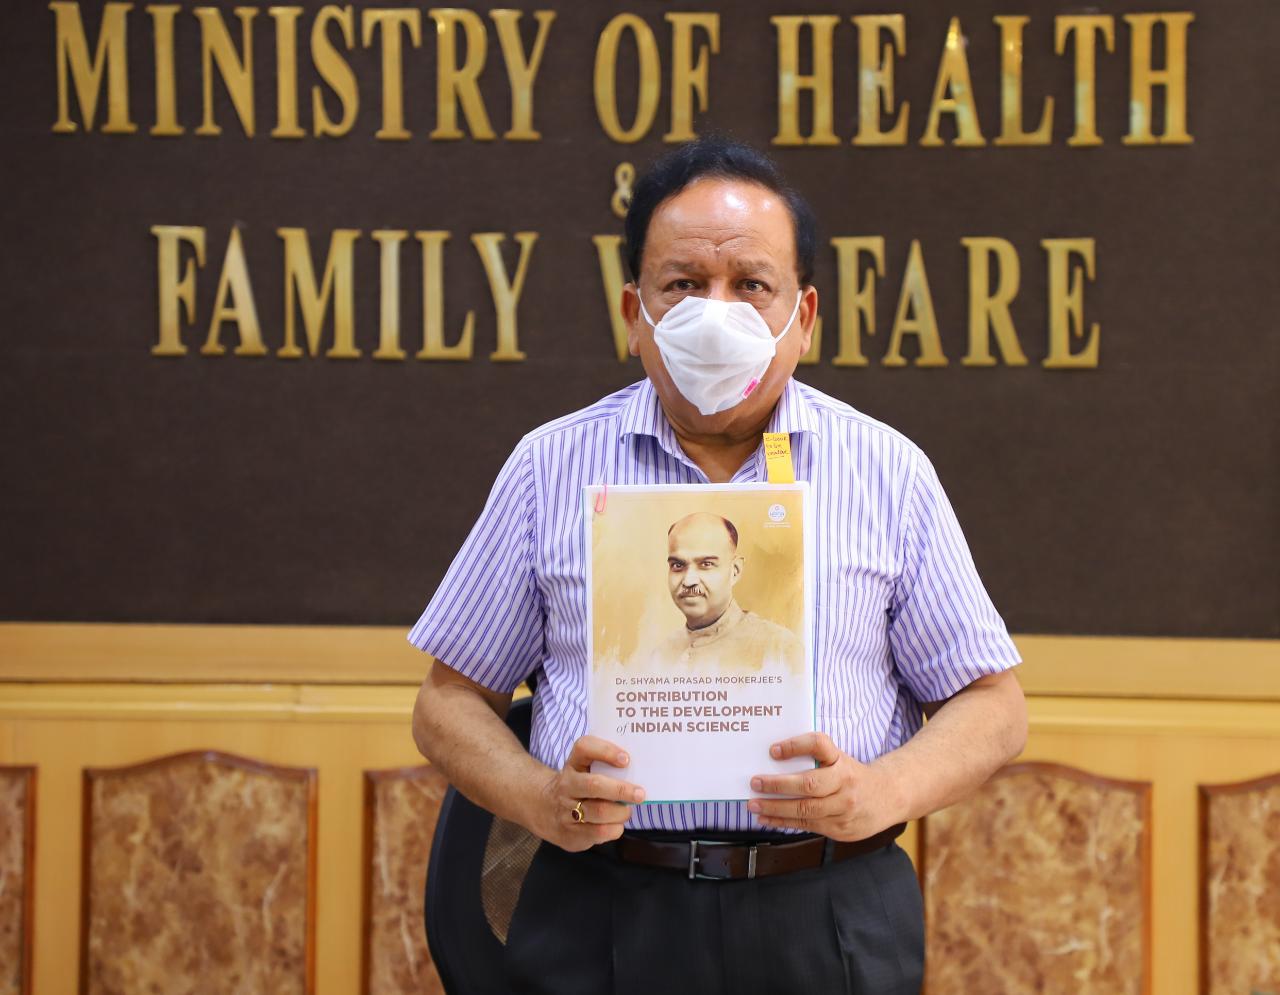 डॉ. मुकर्जी महान देशभक्त, अमर बलिदानी और अनेक वैज्ञानिक संस्थानों के उद्भव के प्रेरणा स्रोत थे-डॉ. हर्ष वर्धन